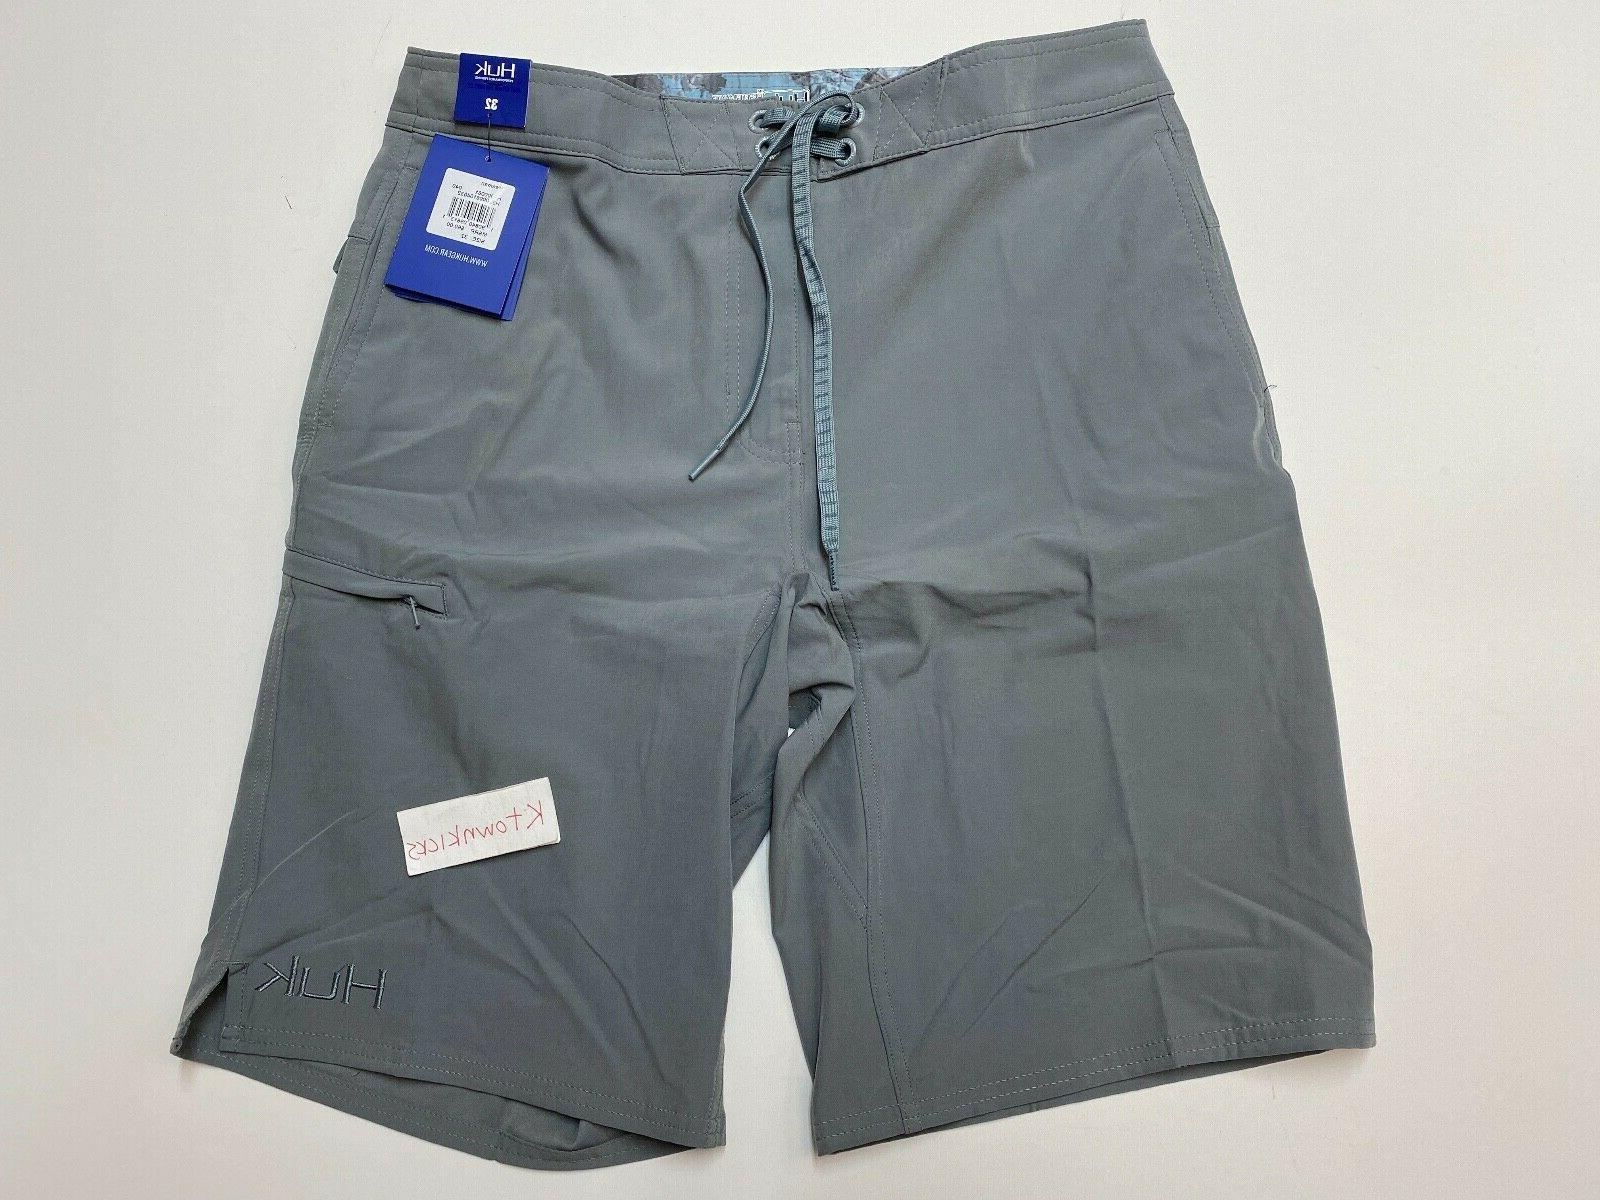 freeman performance fishing board shorts gray men